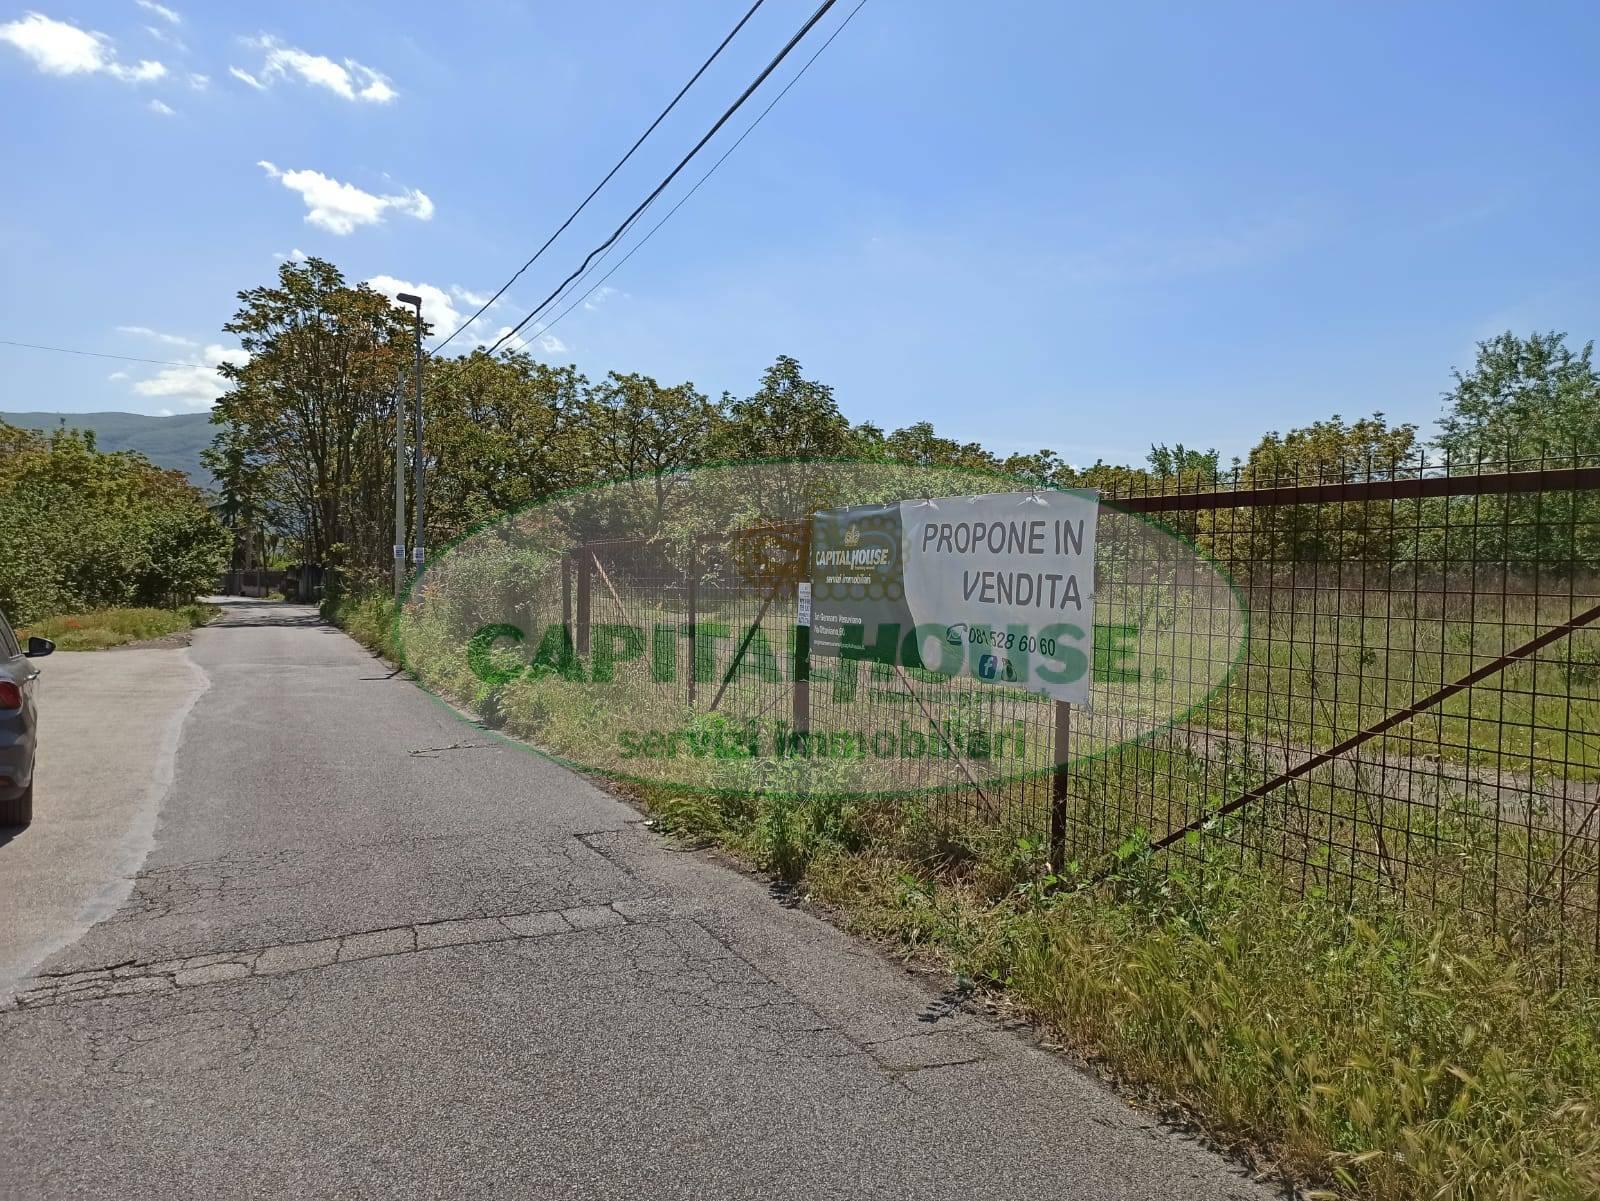 Terreno Agricolo in vendita a San Gennaro Vesuviano, 9999 locali, prezzo € 199.000 | CambioCasa.it